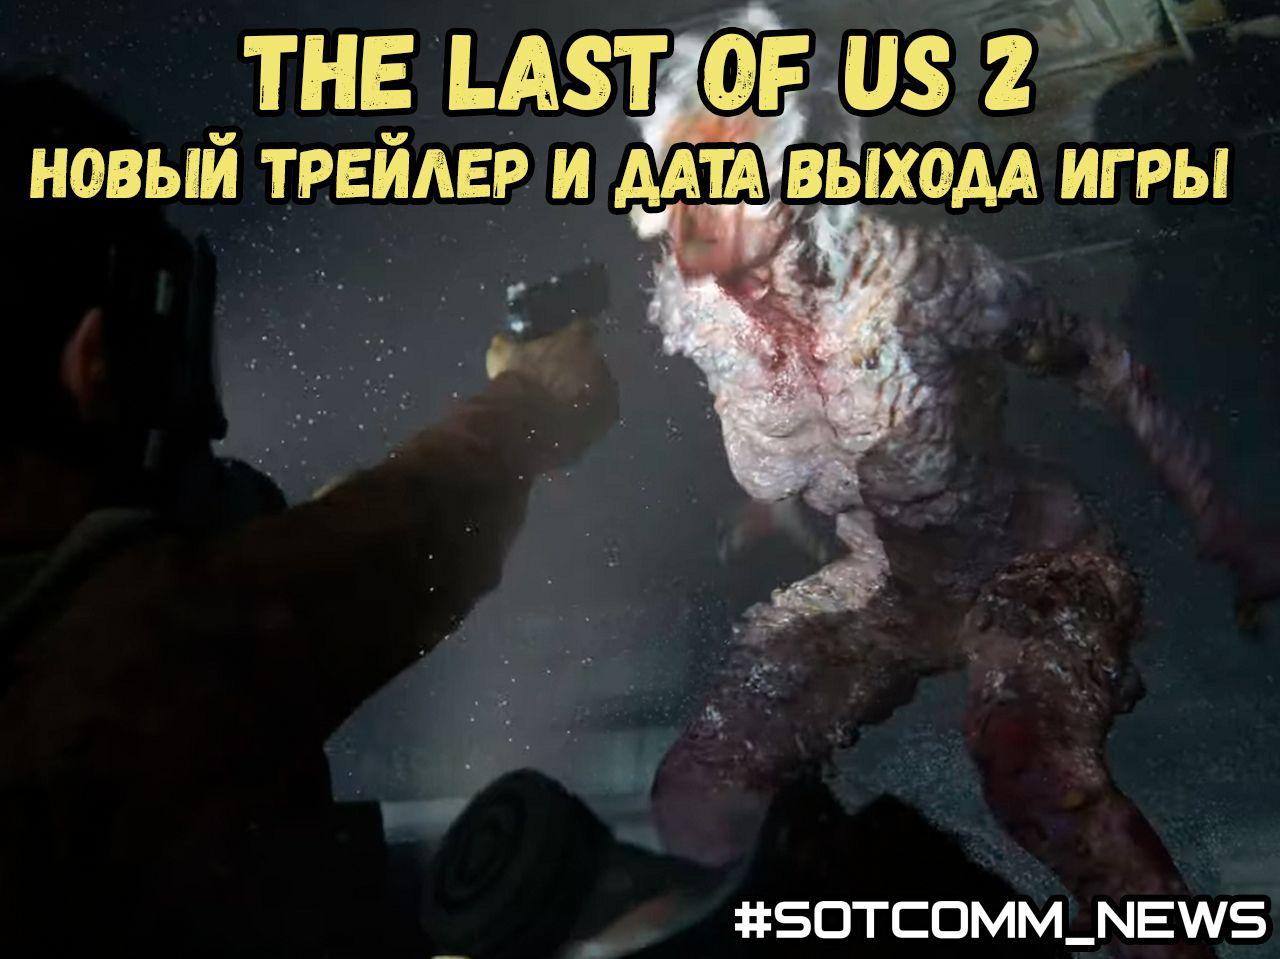 The Last of Us 2 - новый трейлер и дата выхода игры